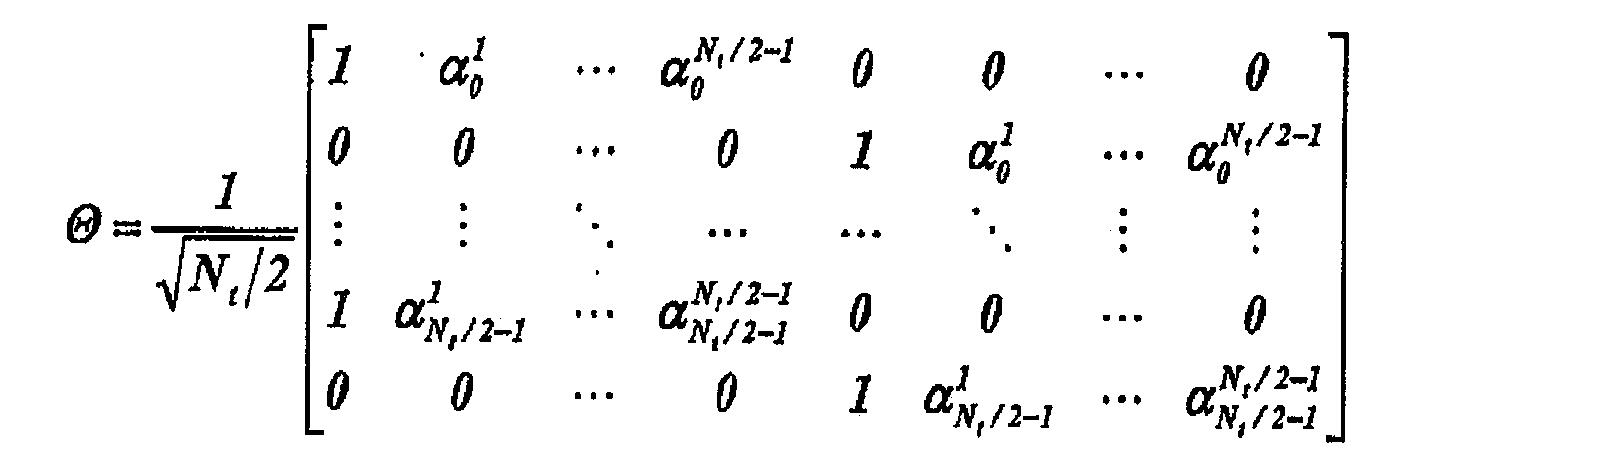 Figure CN1969522BC00081